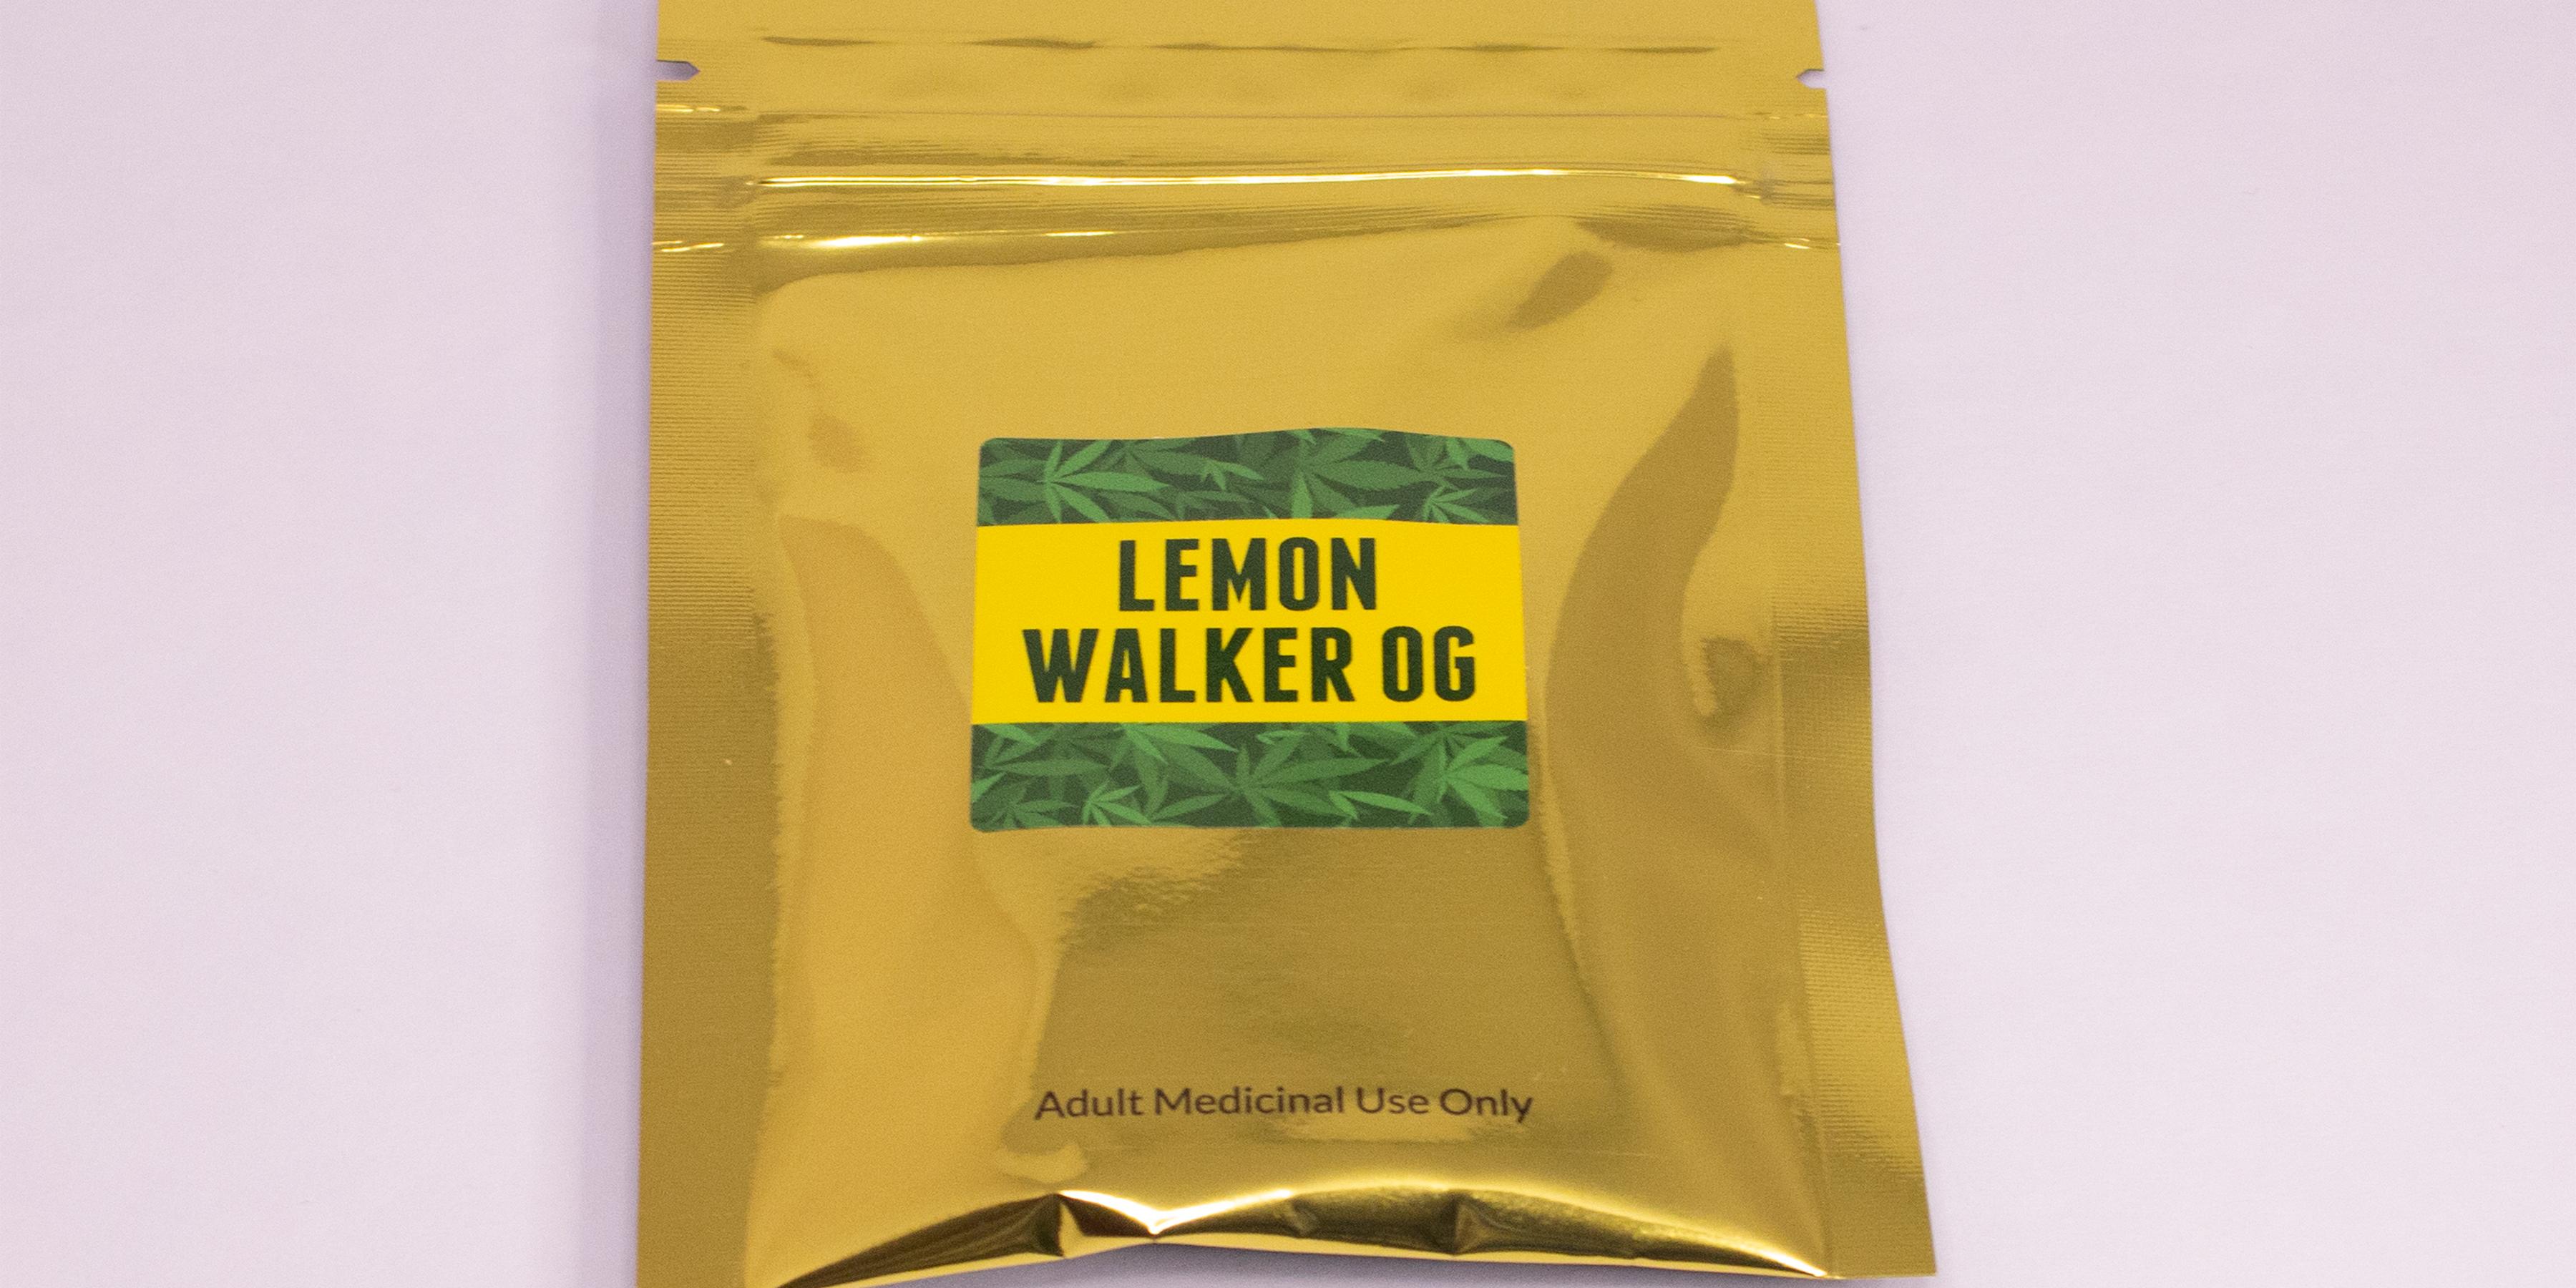 Online Dispensary Canada - Green Gold - Lemon Walker OG - Shatter